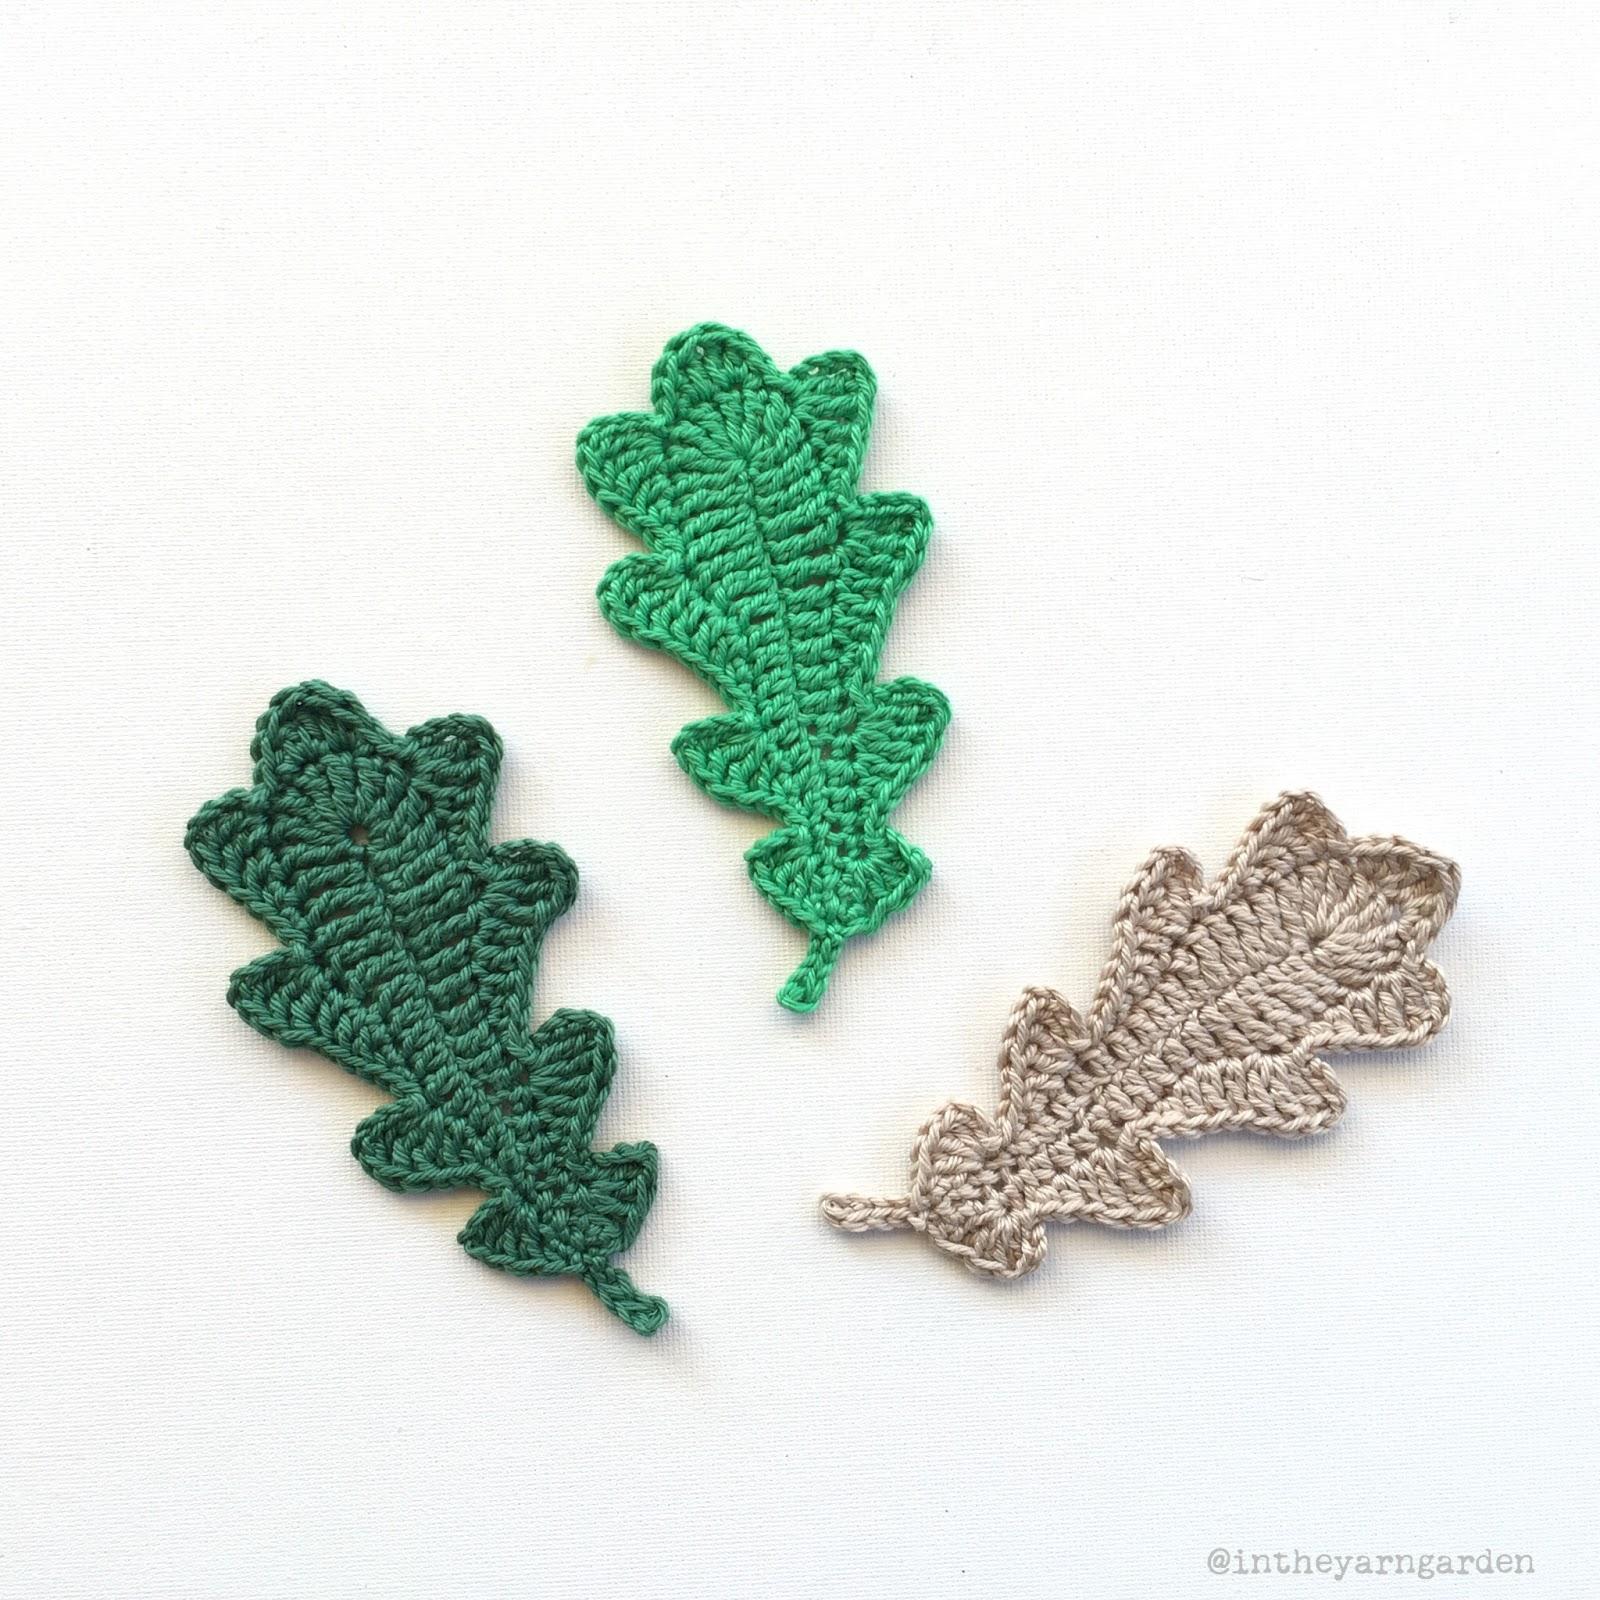 Crochet oak leaves in the yarn garden crochet diagram ccuart Images